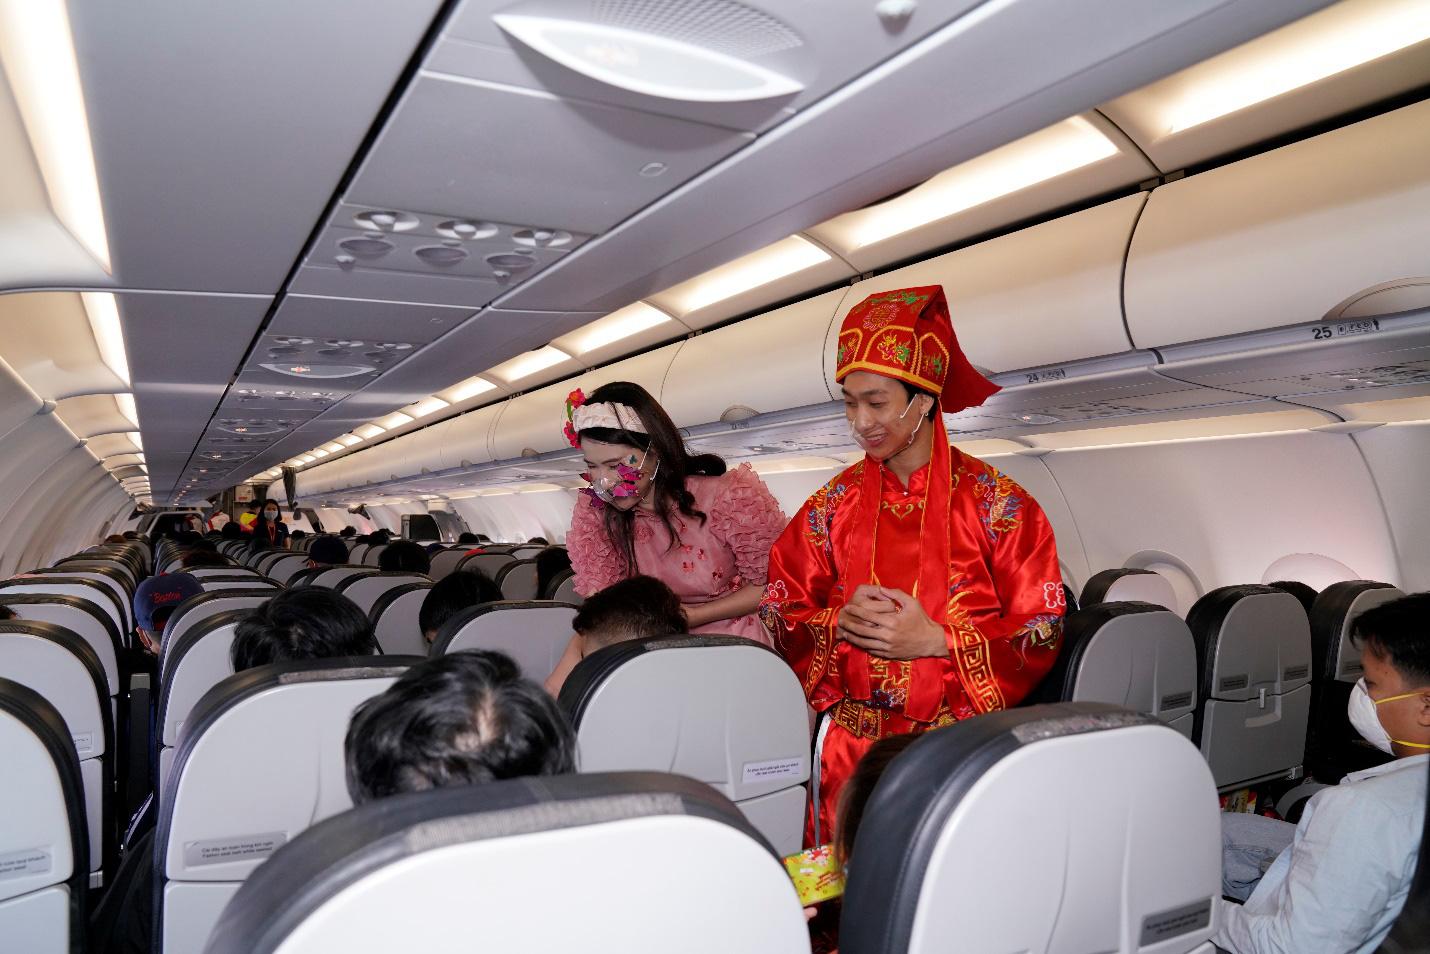 Điều bất ngờ Vietjet dành tặng khách hàng chọn bay an toàn ngày 23 tháng Chạp - Ảnh 2.